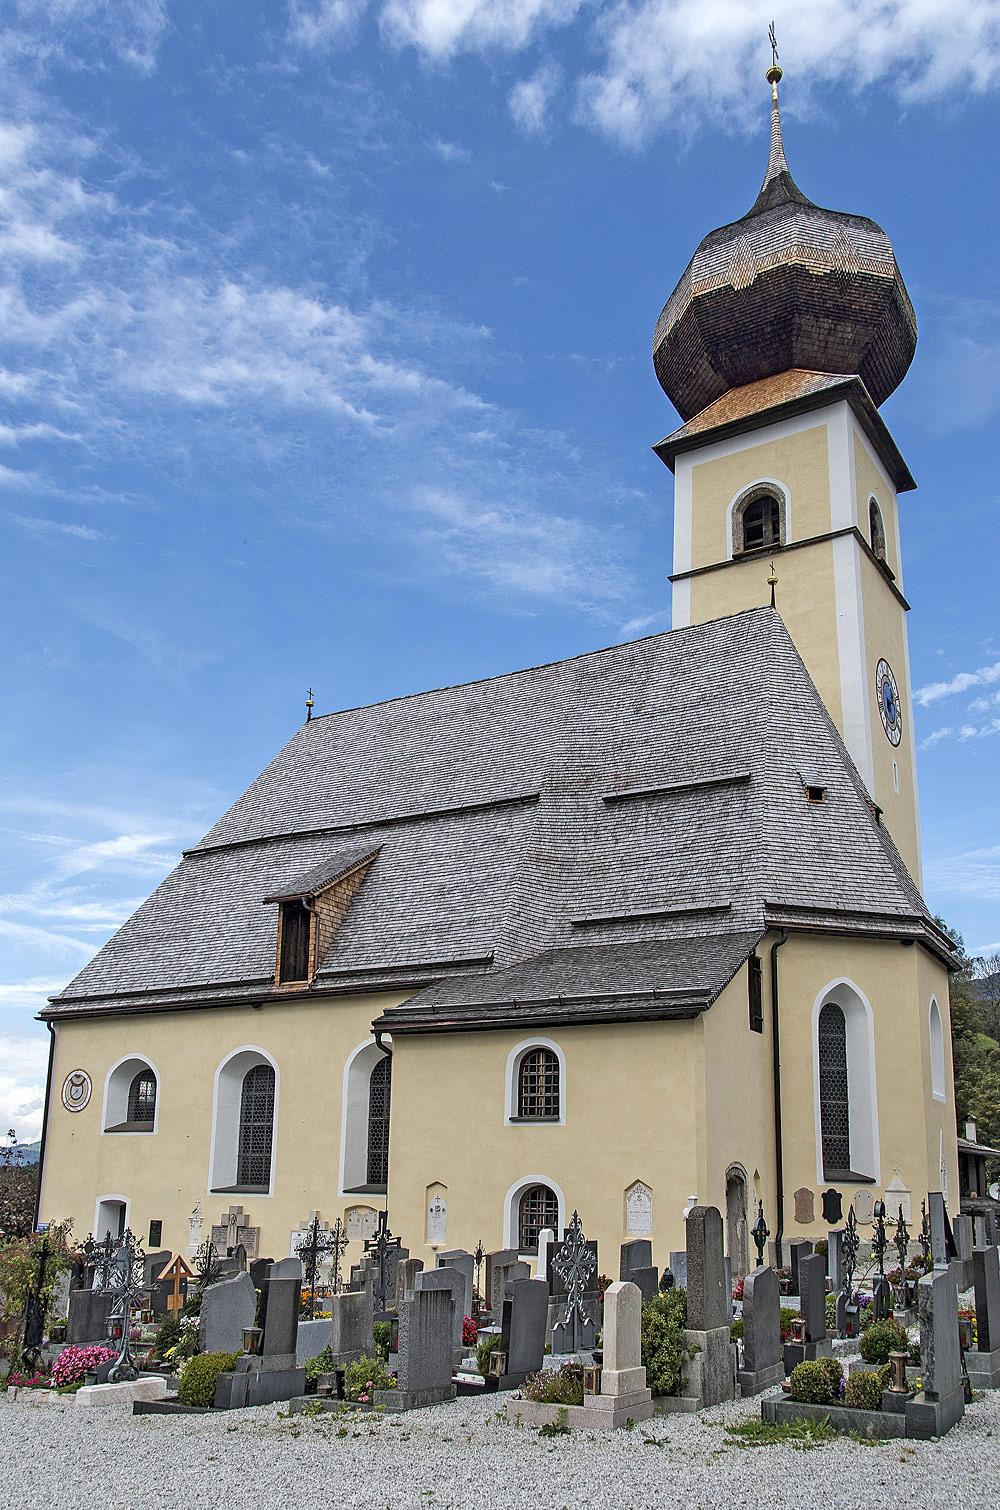 Blick auf den Friedhof und die Pfarrkirche St. Rupert in Aurach